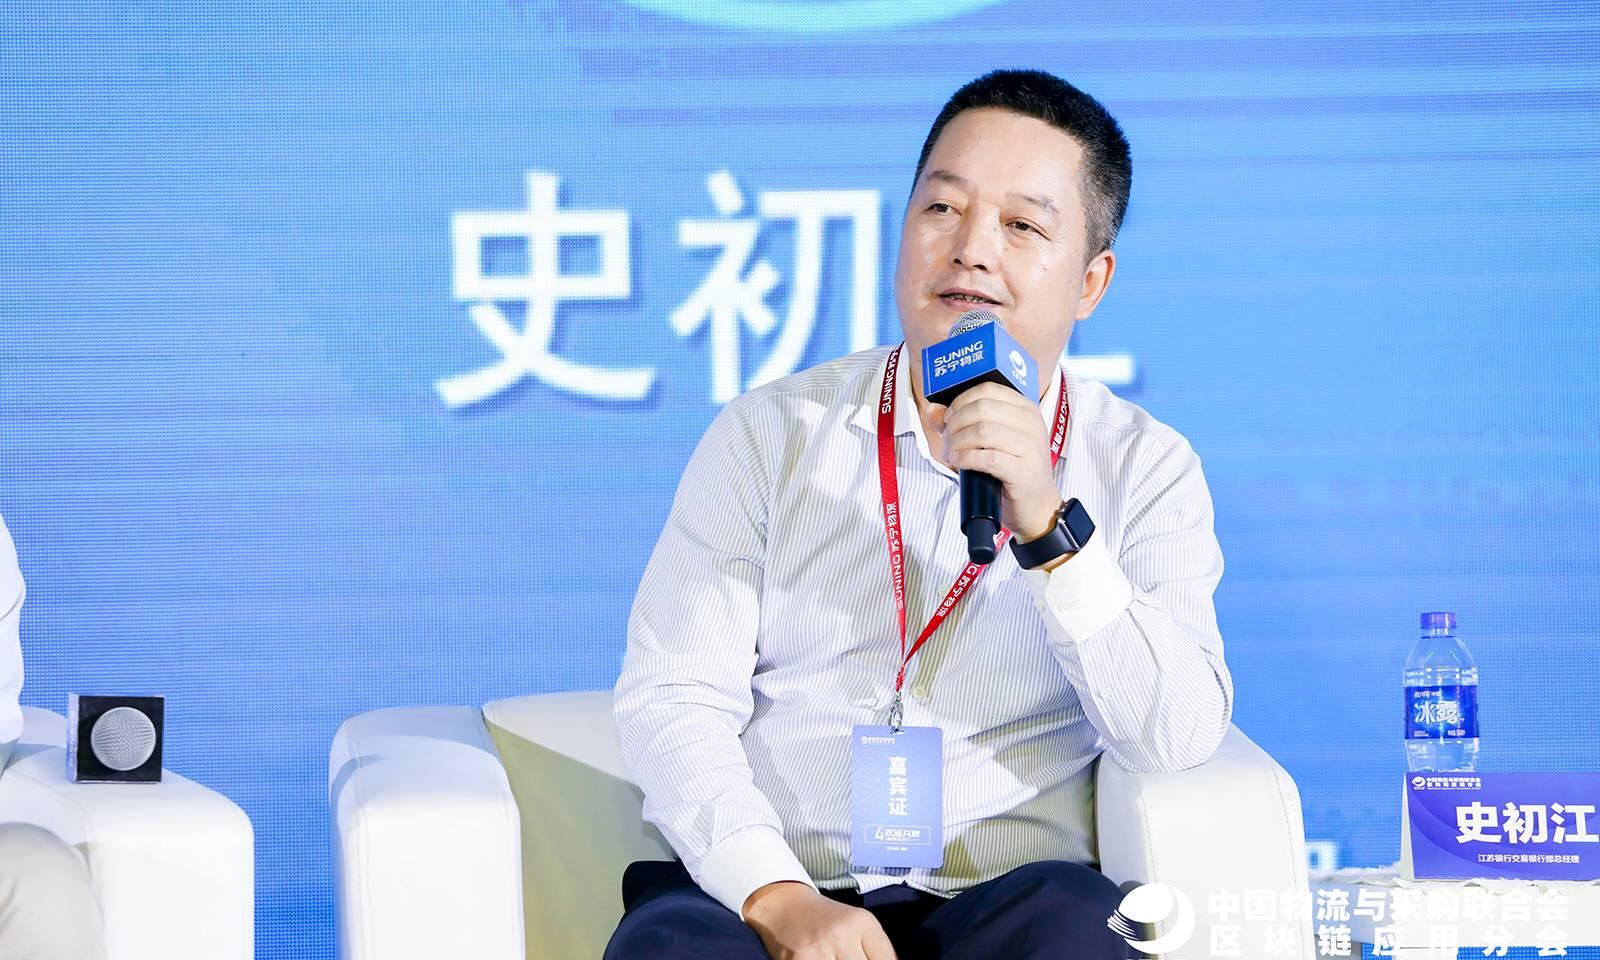 shichujiang